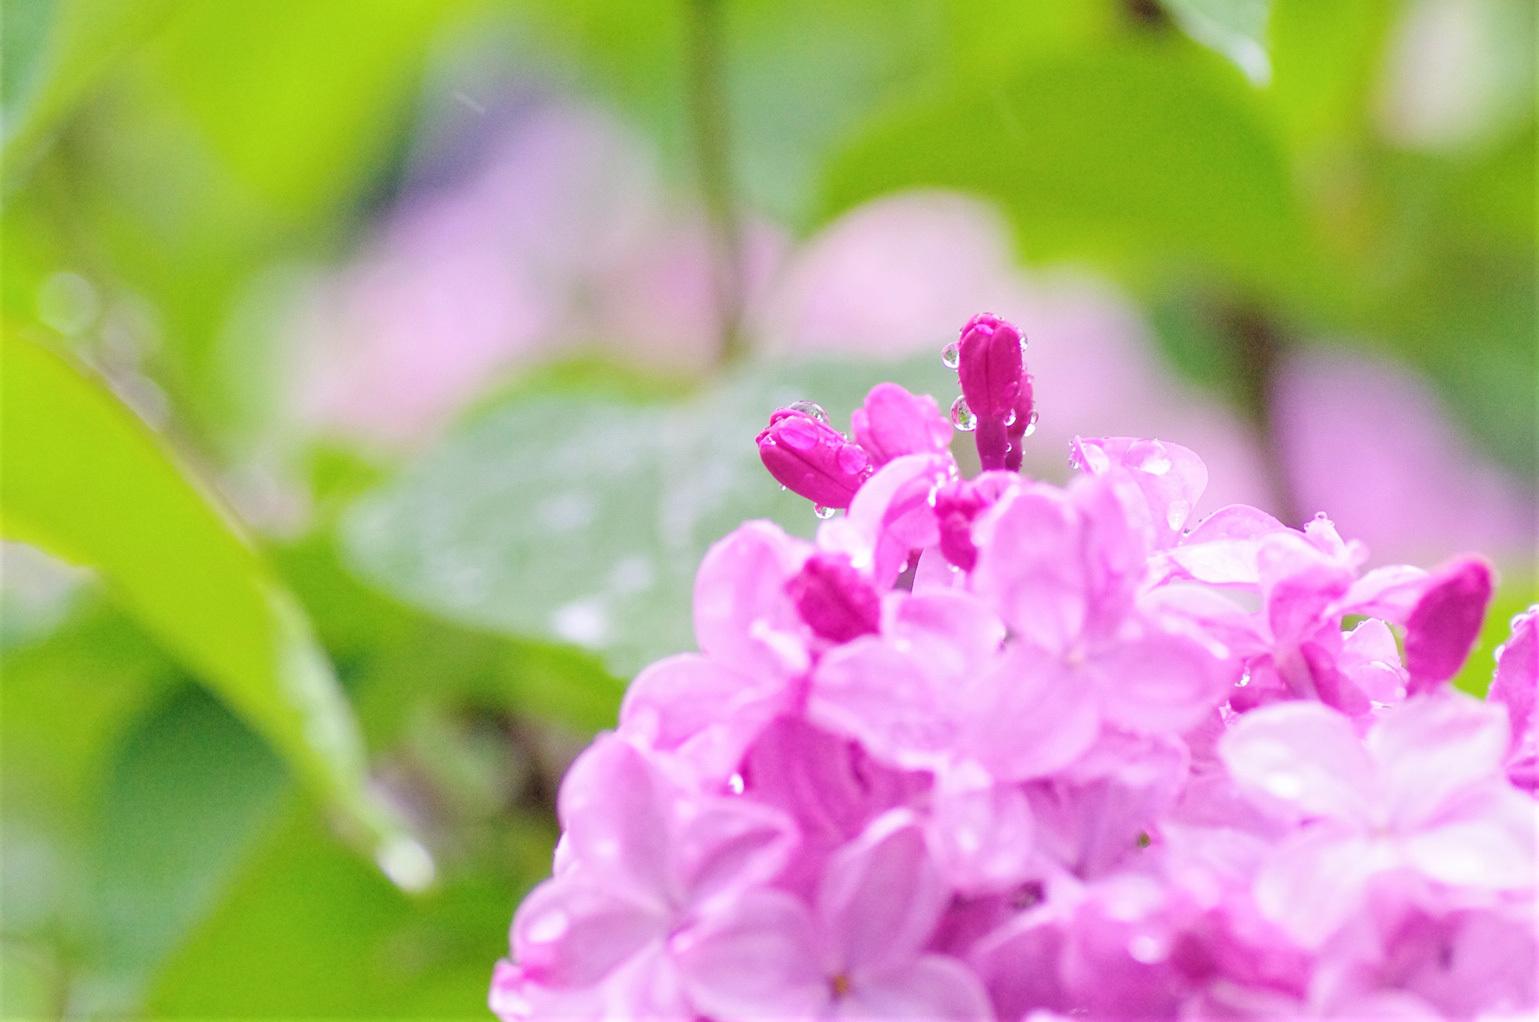 雨のライラックと紫蘭_e0291438_09454565.jpg